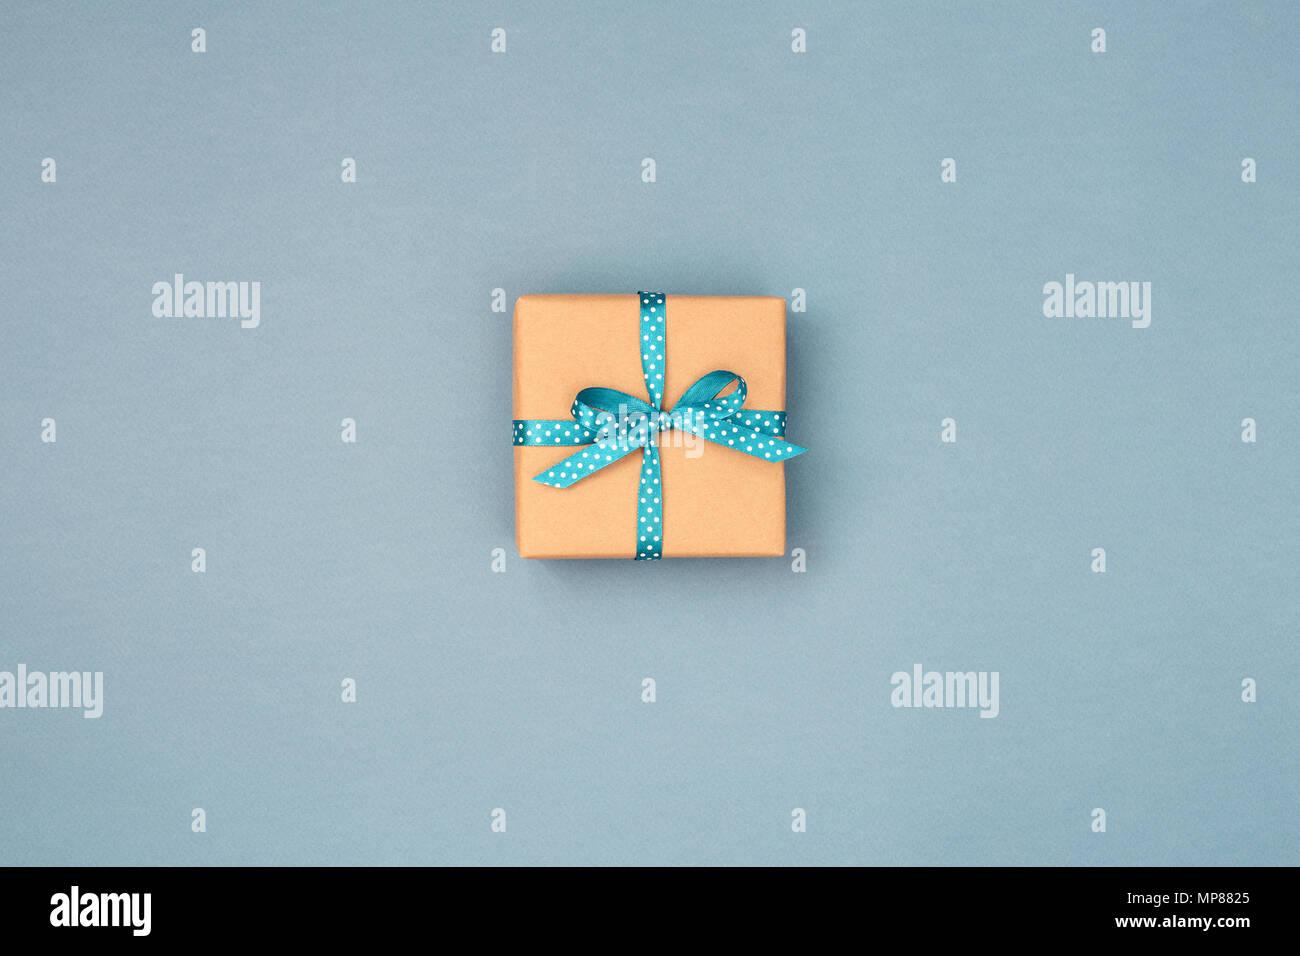 451f3620a Una caja de regalo envueltos en papel kraft atados con blue ribbon en  lunares azules sobre